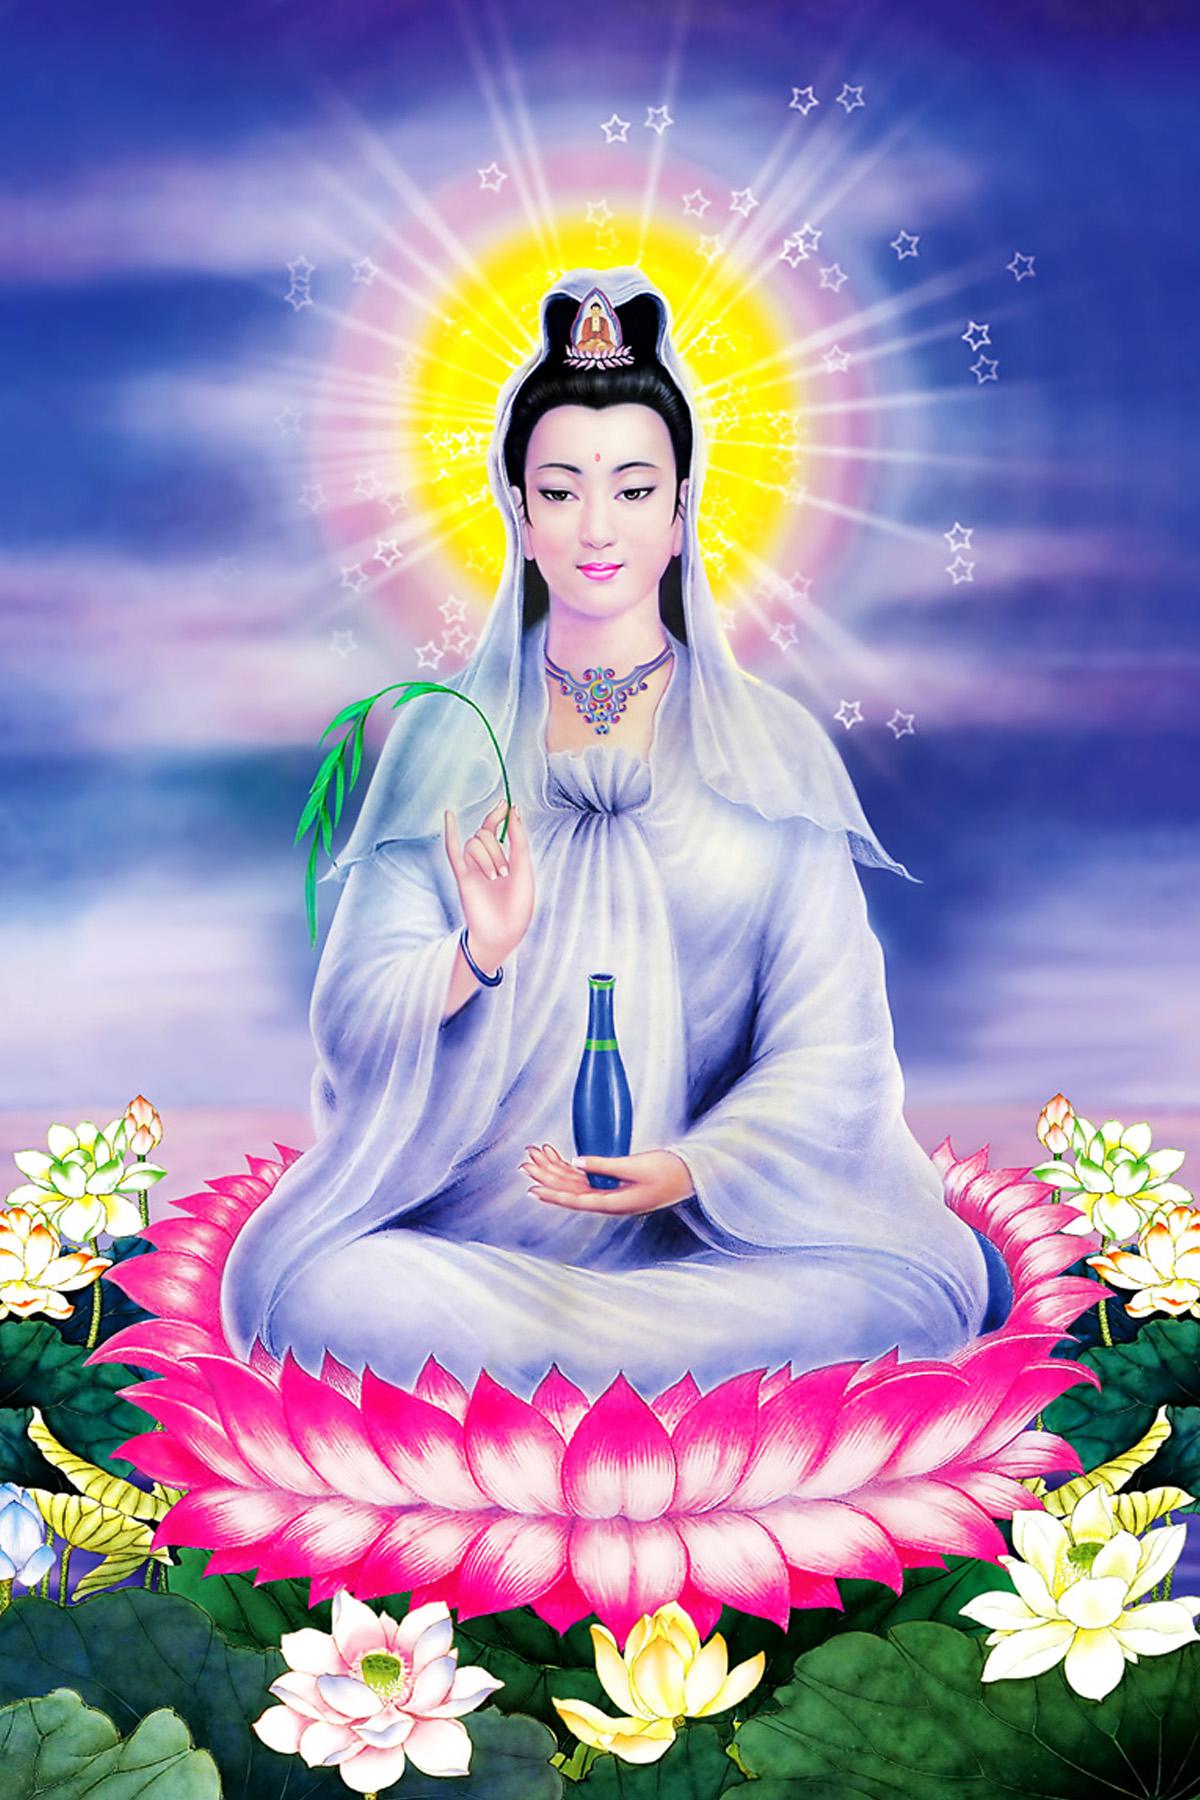 Tôn ảnh chất lượng cao Bồ tát Quan Thế Âm | HD images of Avalokiteśvara Bodhisattva | 大悲觀世音菩薩